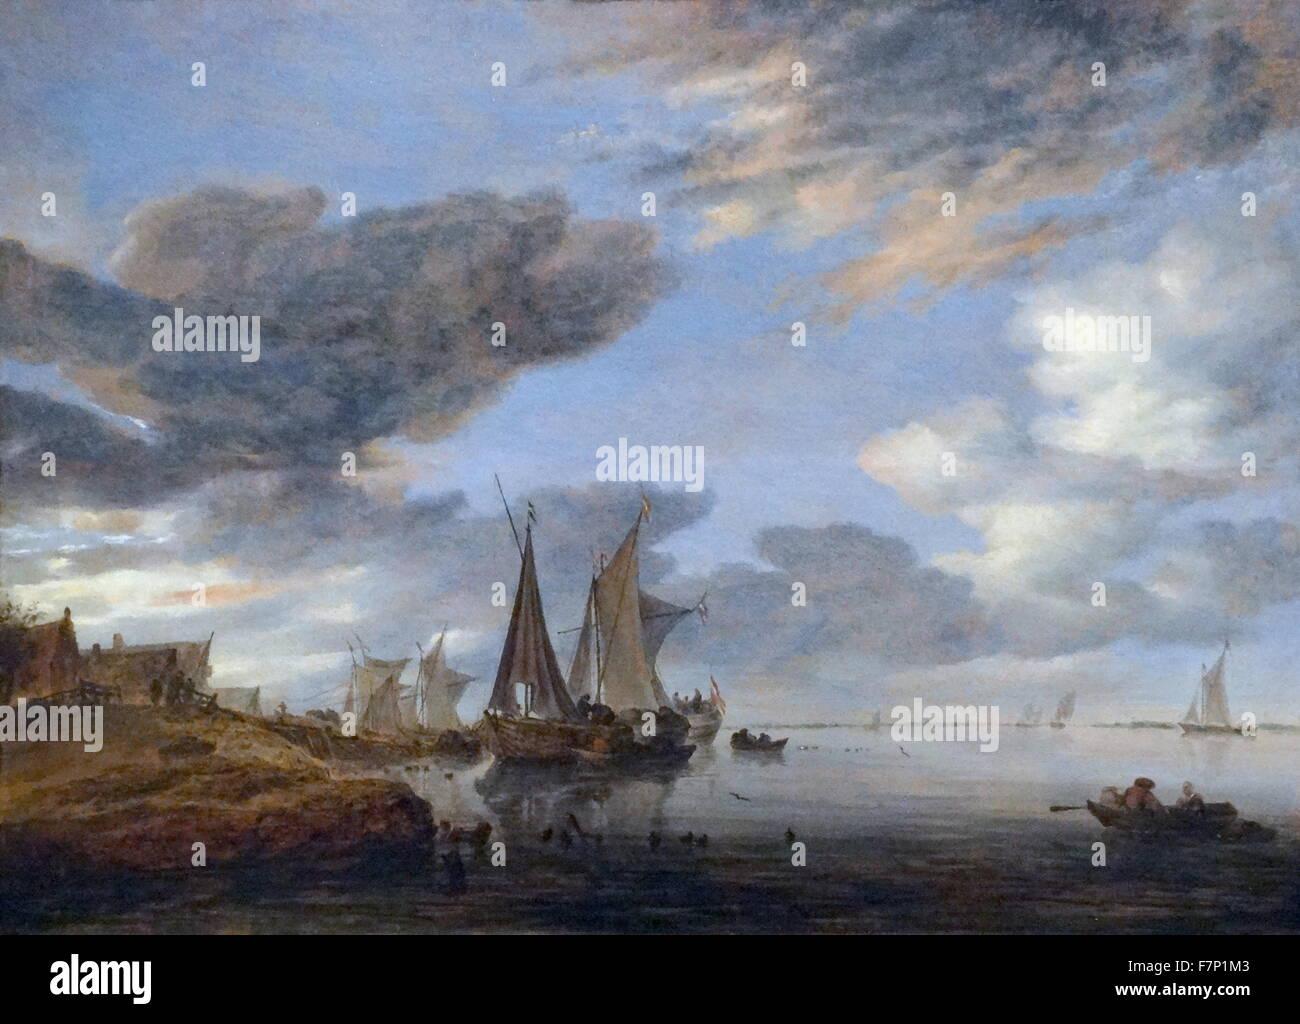 Painting titled 'Sailing along a village' by Salomon van Ruysdael (1602-1670) Dutch Golden Age landscape painter. Stock Photo